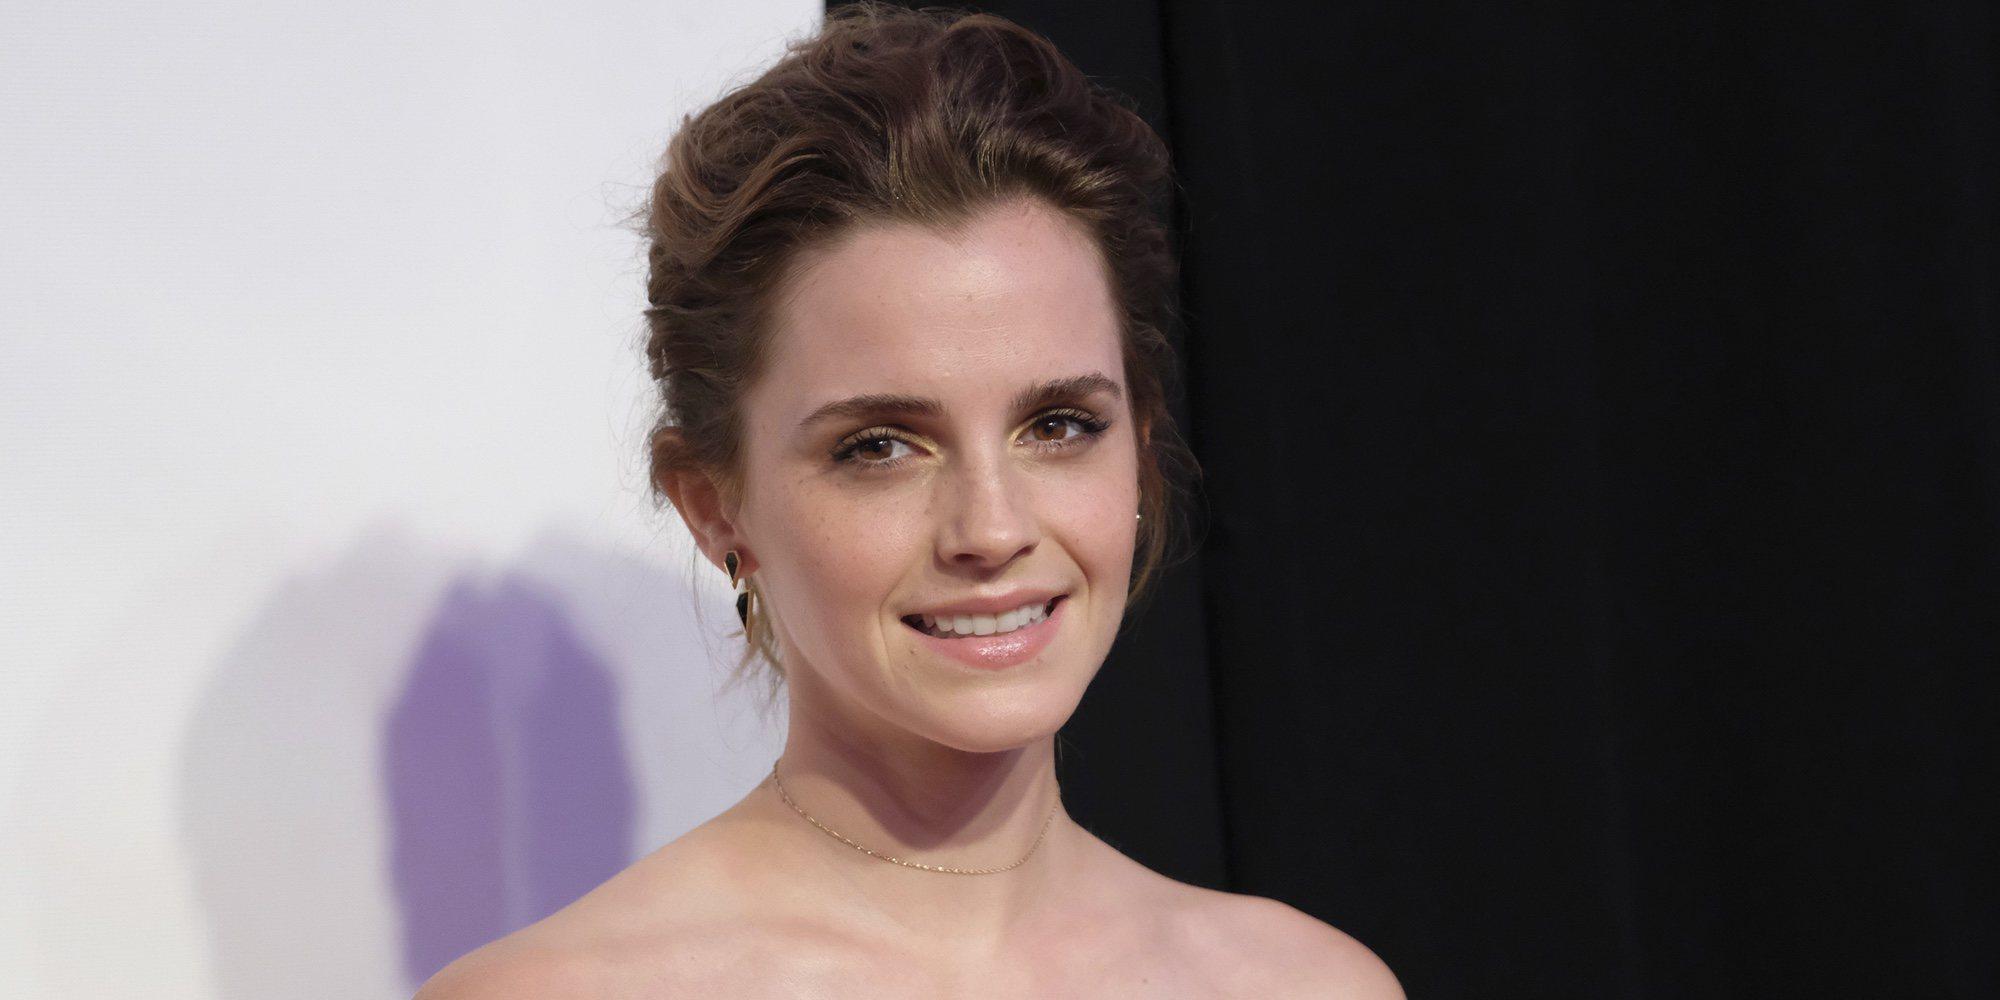 Emma Watson dona más de un millón de euros a un fondo británico que lucha contra el acoso sexual